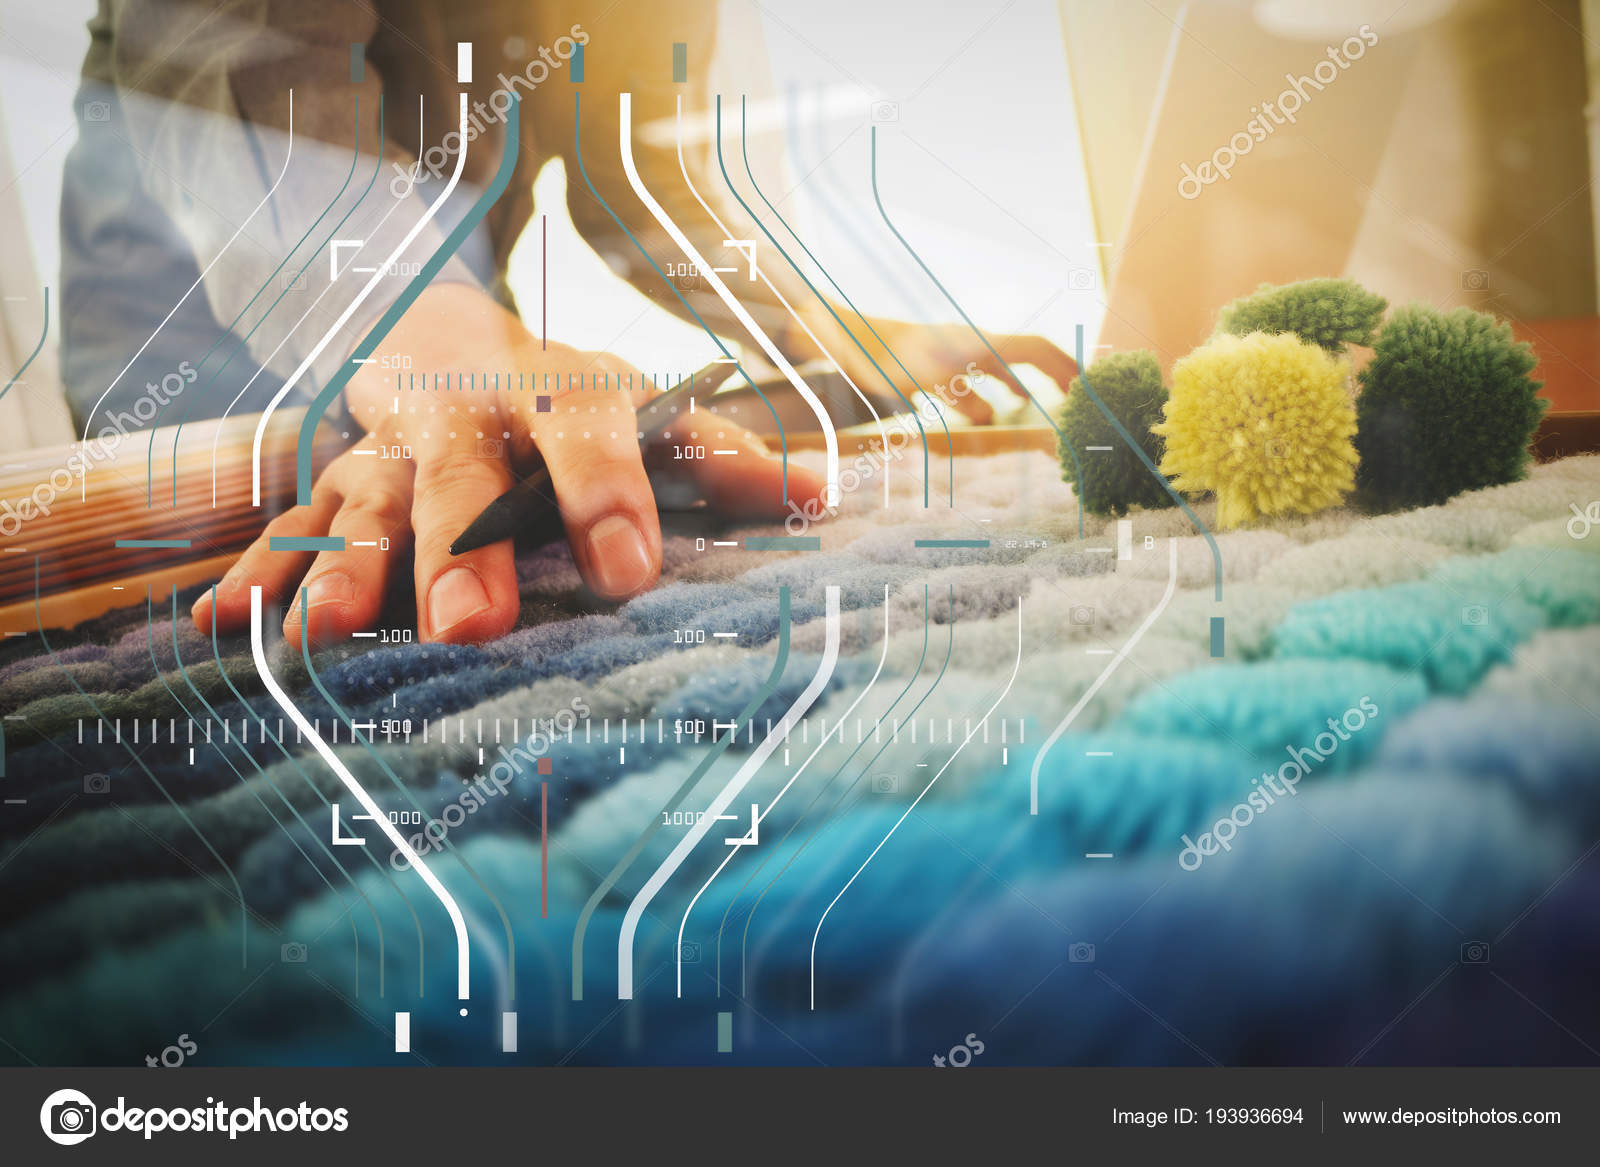 interieur ontwerper hand chosing tapijt monster met lege nieuwe moderne computer laptop en pro digitale tablet met materile bord op houten bureau als